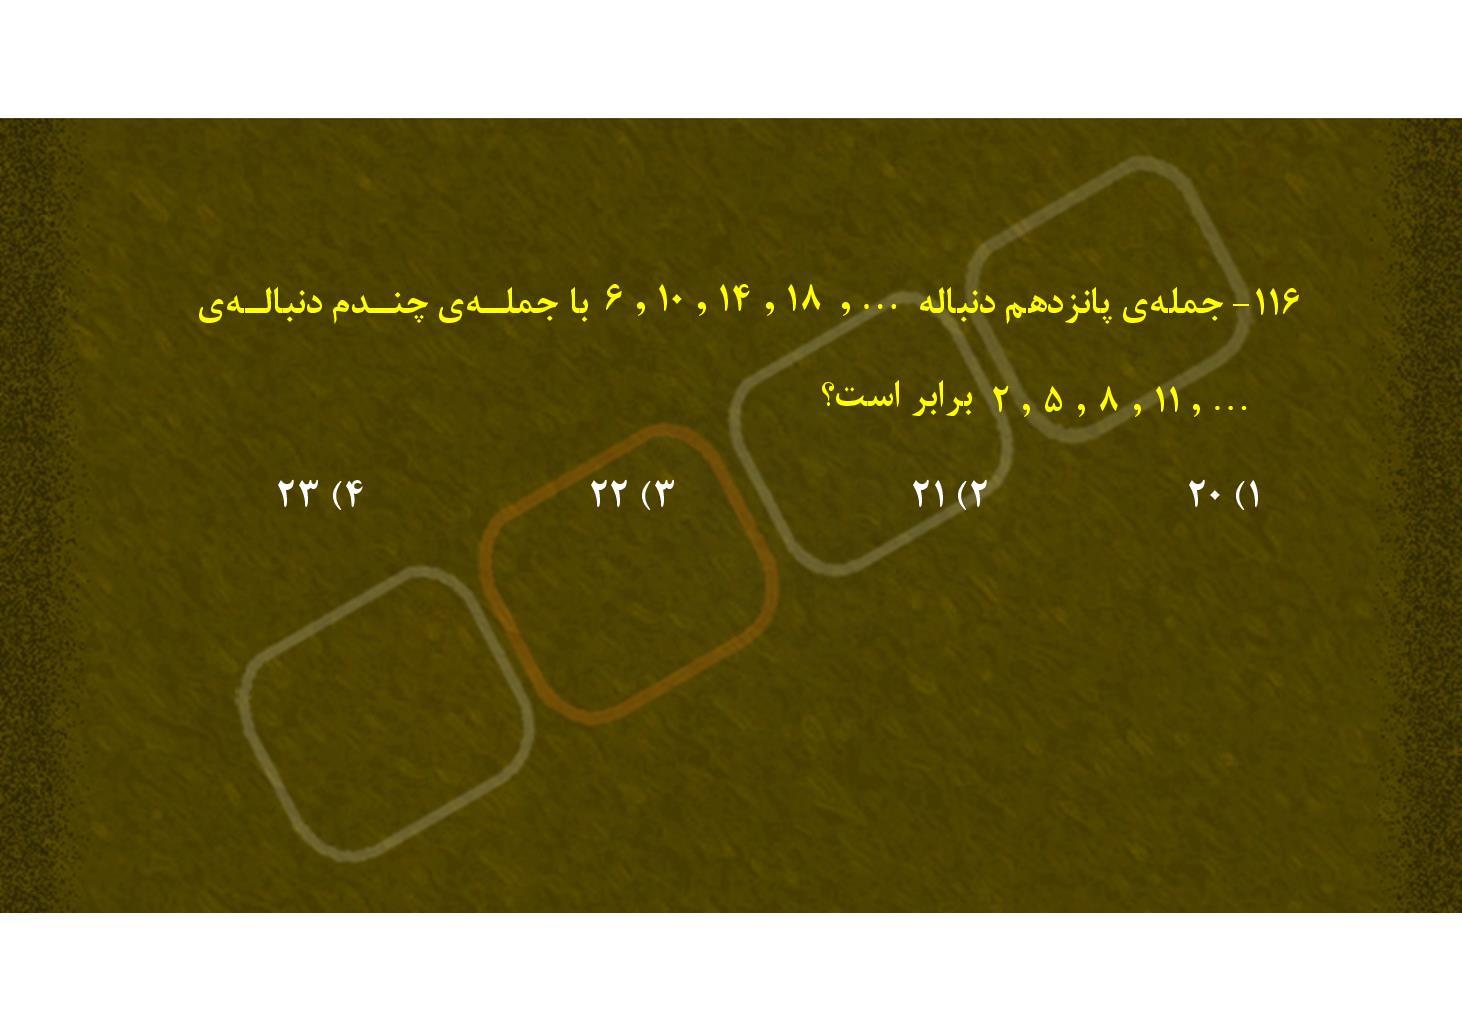 دنباله حسابی - 3 (PDF)